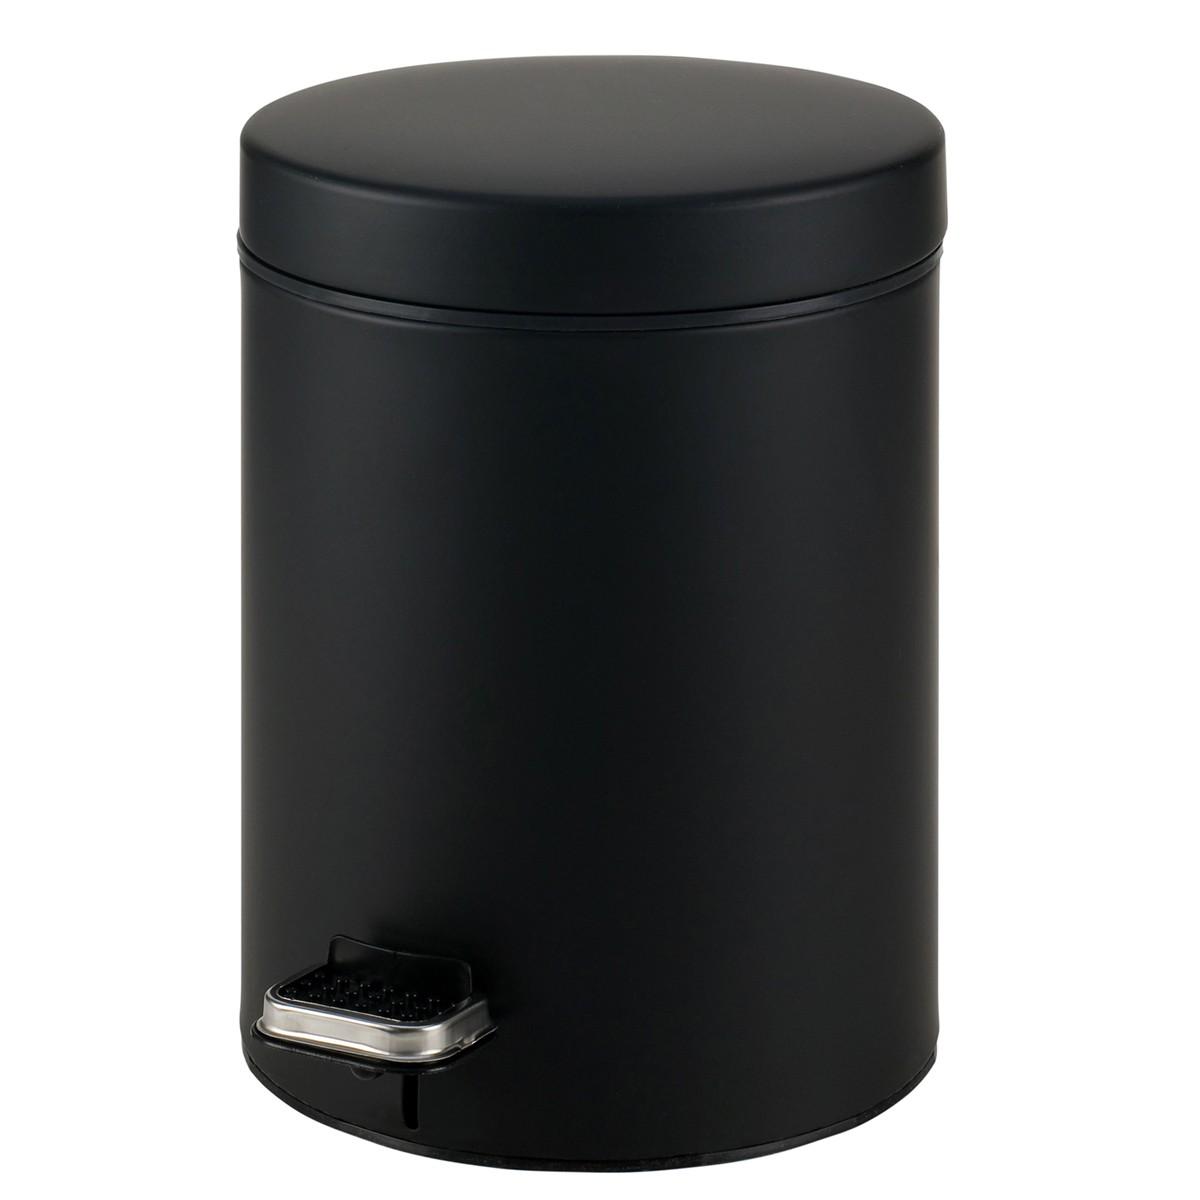 Κάδος Απορριμάτων (23×32) PamCo 8Lit 500 Black Matte